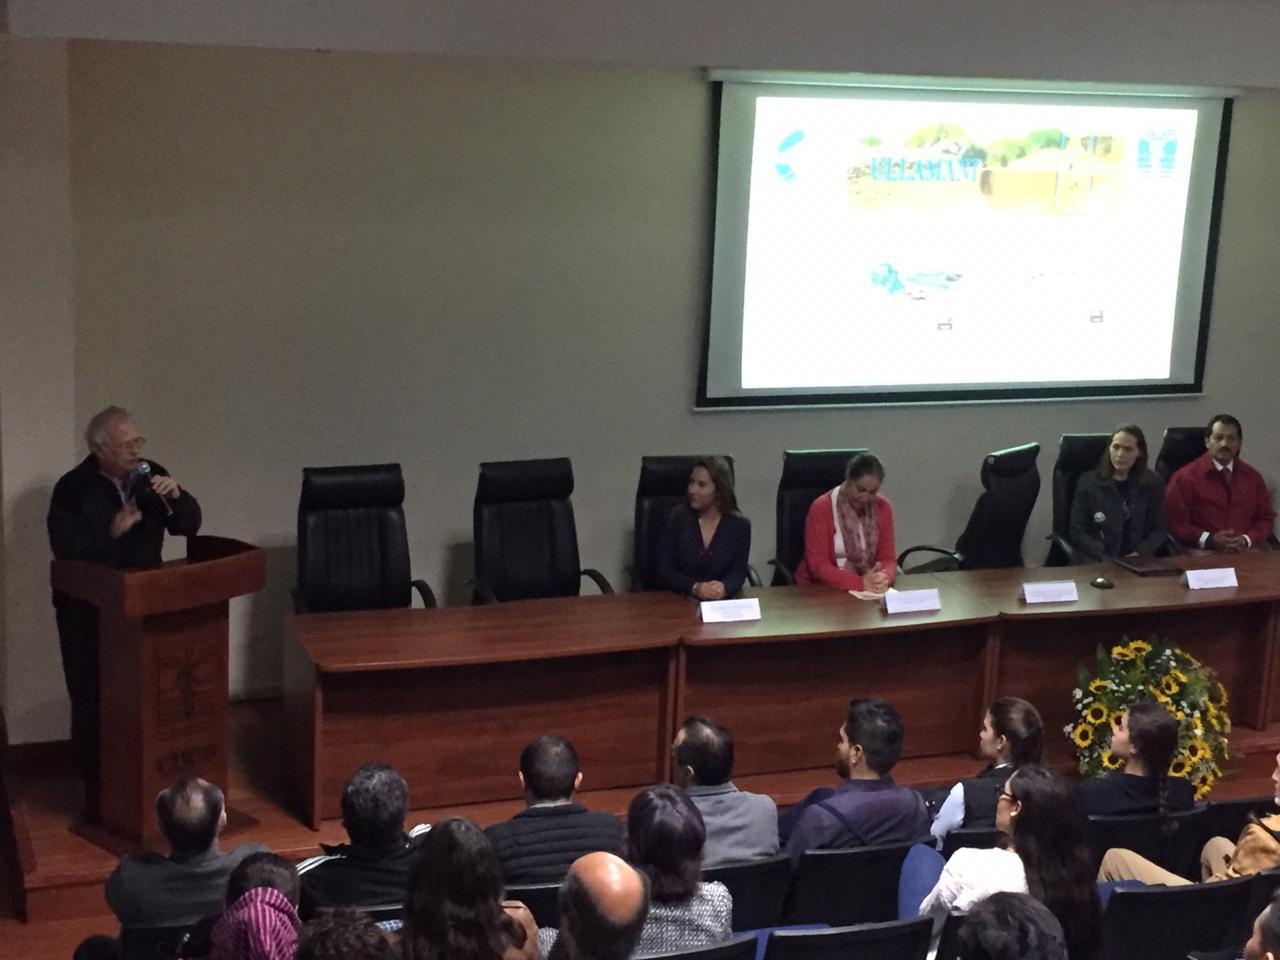 Dr. Alfredo Celis al micrófono en el podio, a su lado los miembros del presídium